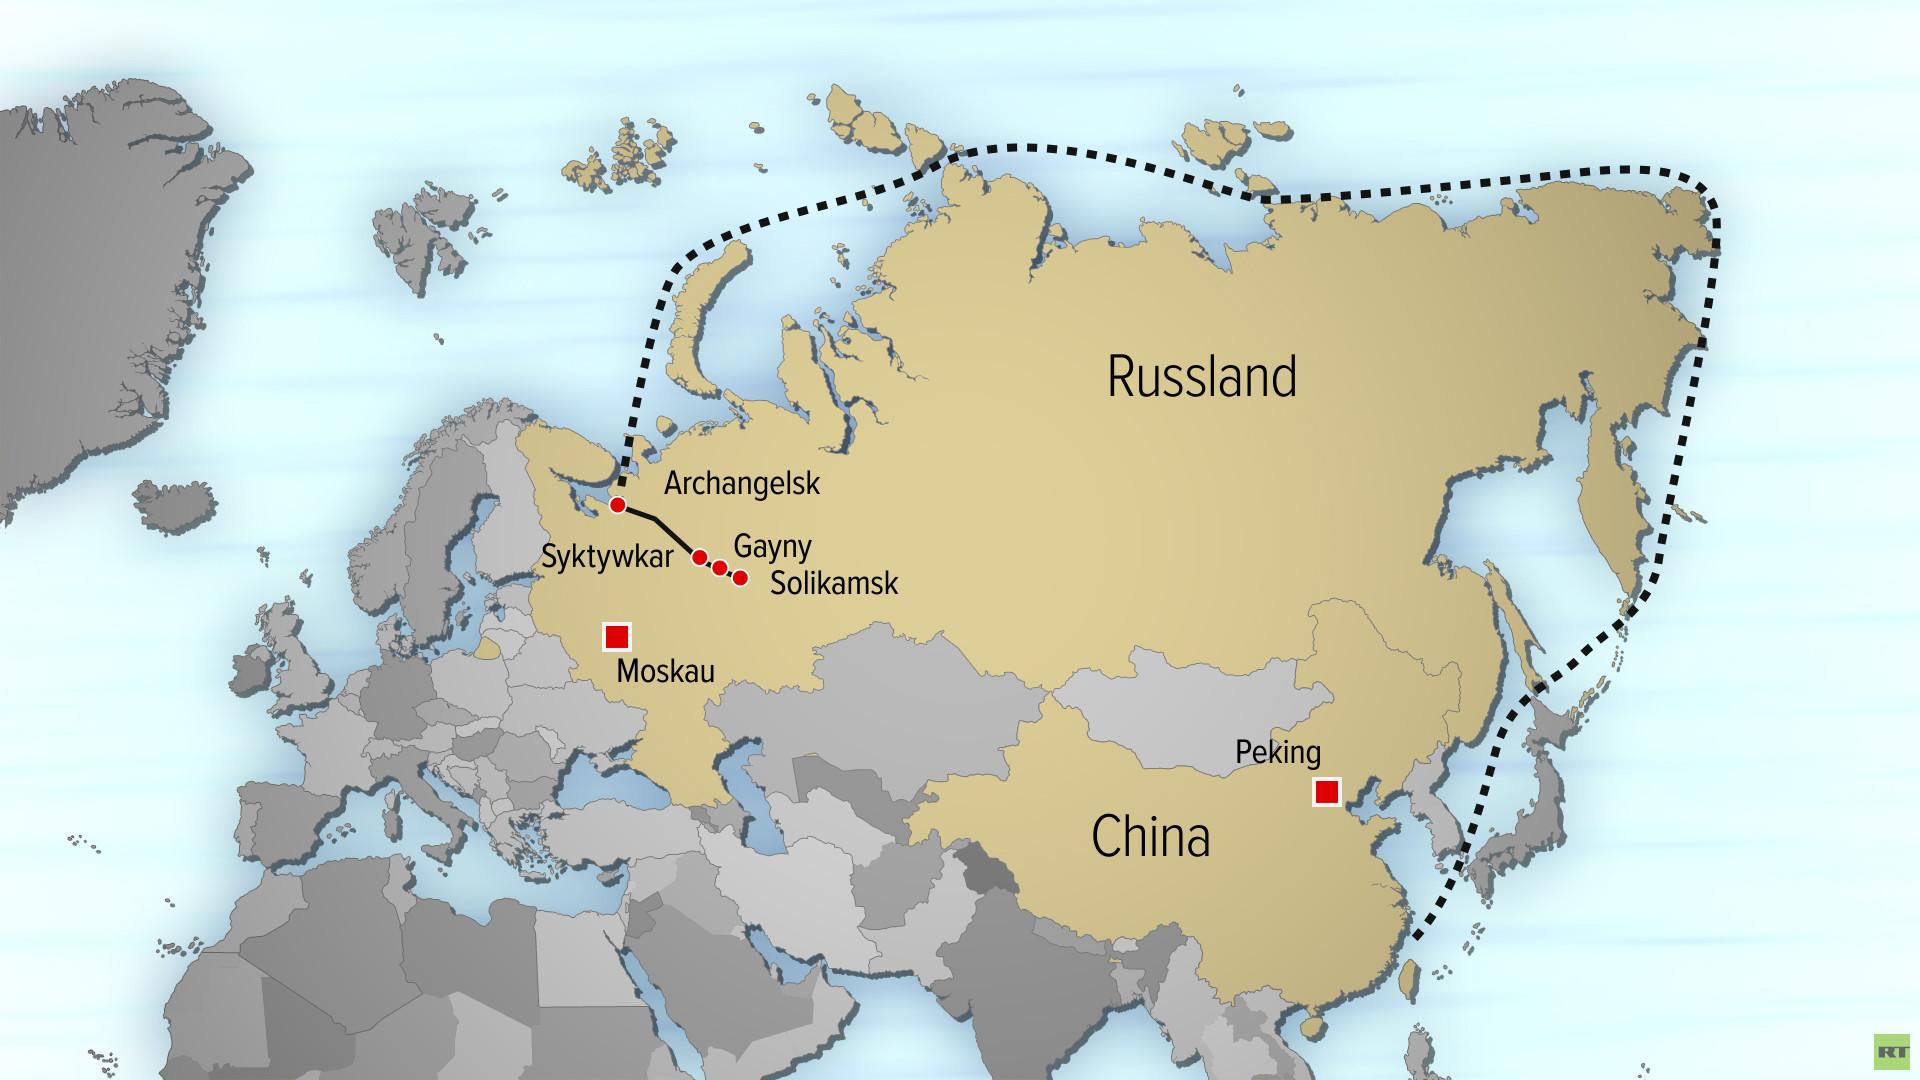 Neue Seidenstraße im Eis - China investiert Milliarden in Seeroute entlang des Arktischen Kreises